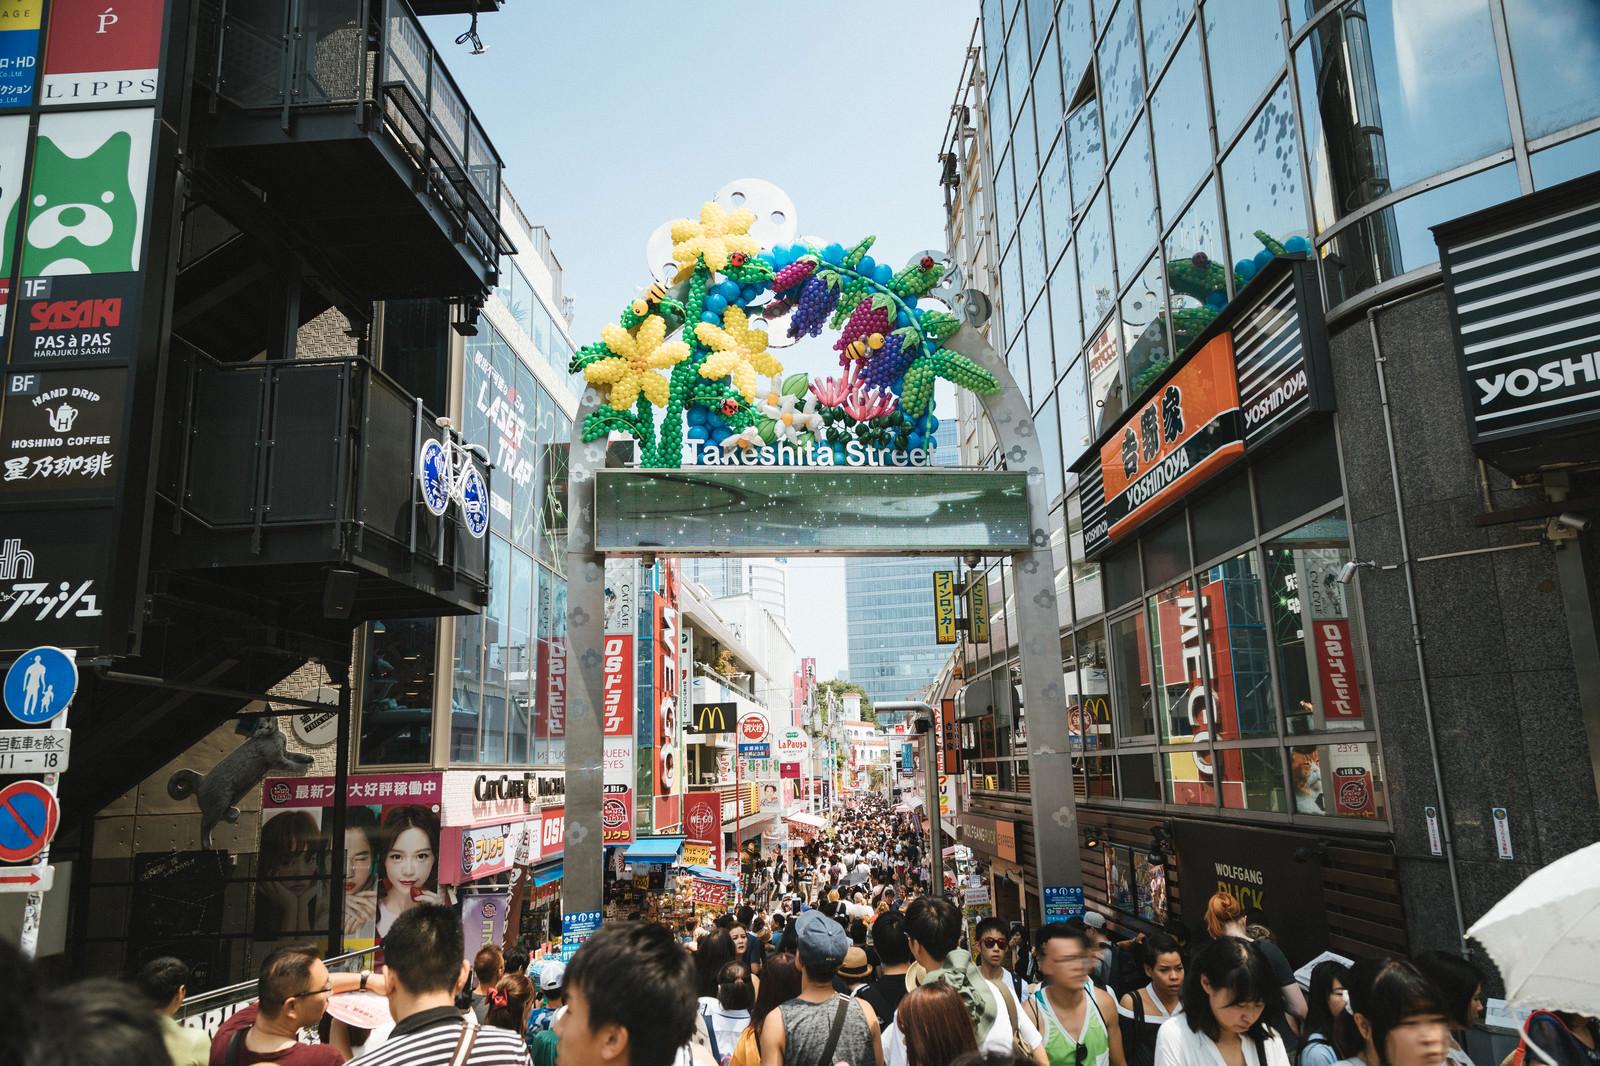 「Takeshita Street(竹下通り)」の写真